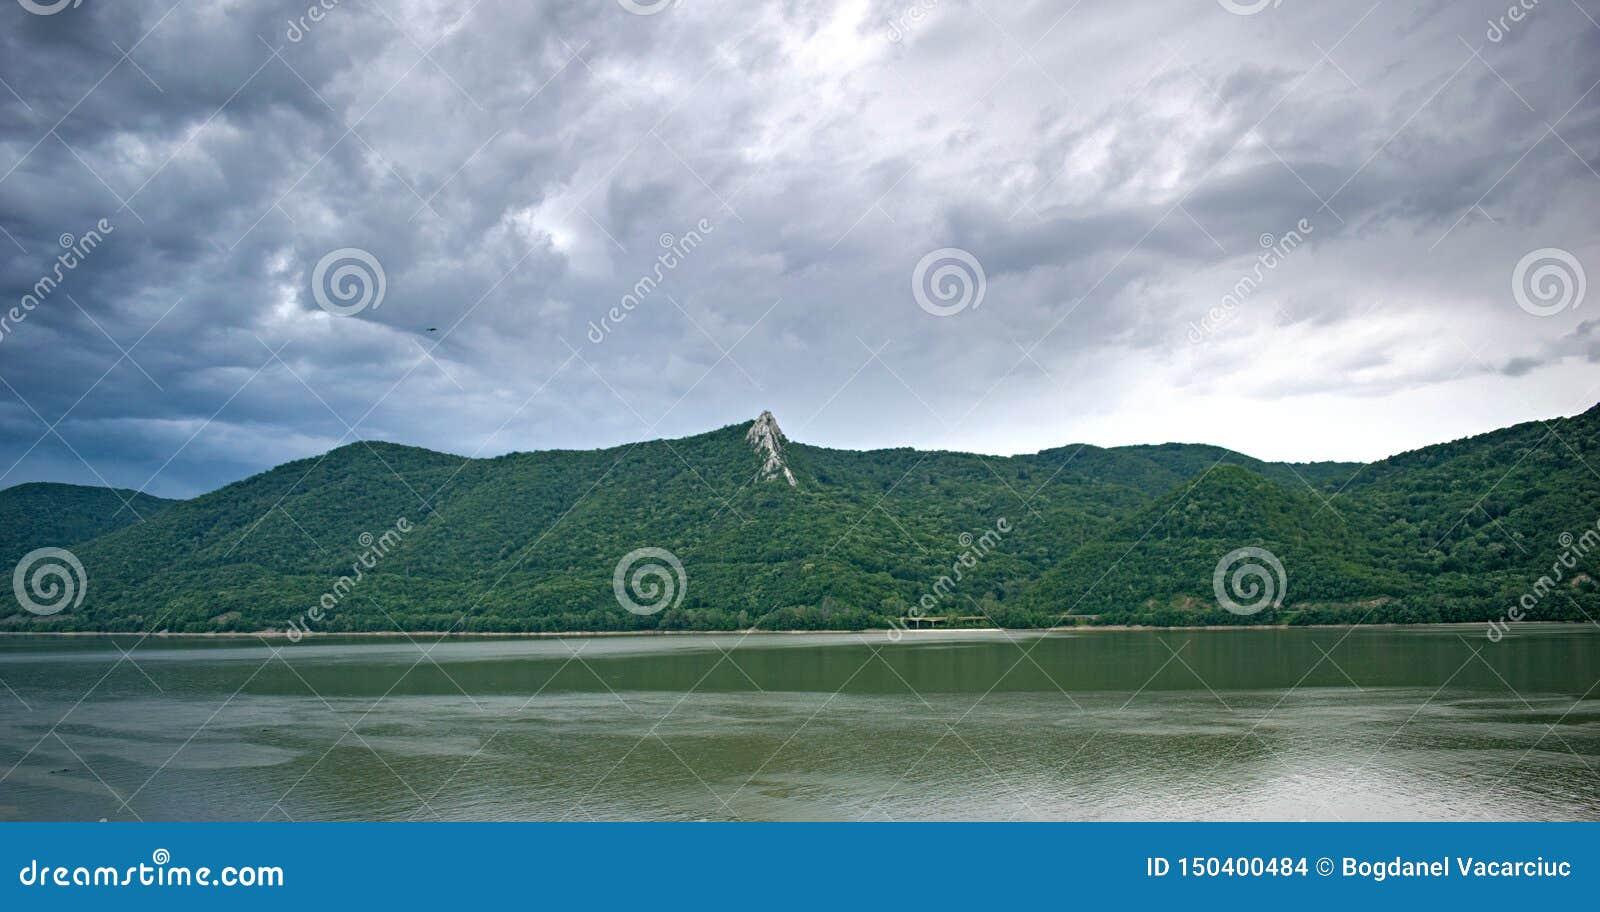 Montañas, un gran río y un cielo con muchas nubes negras